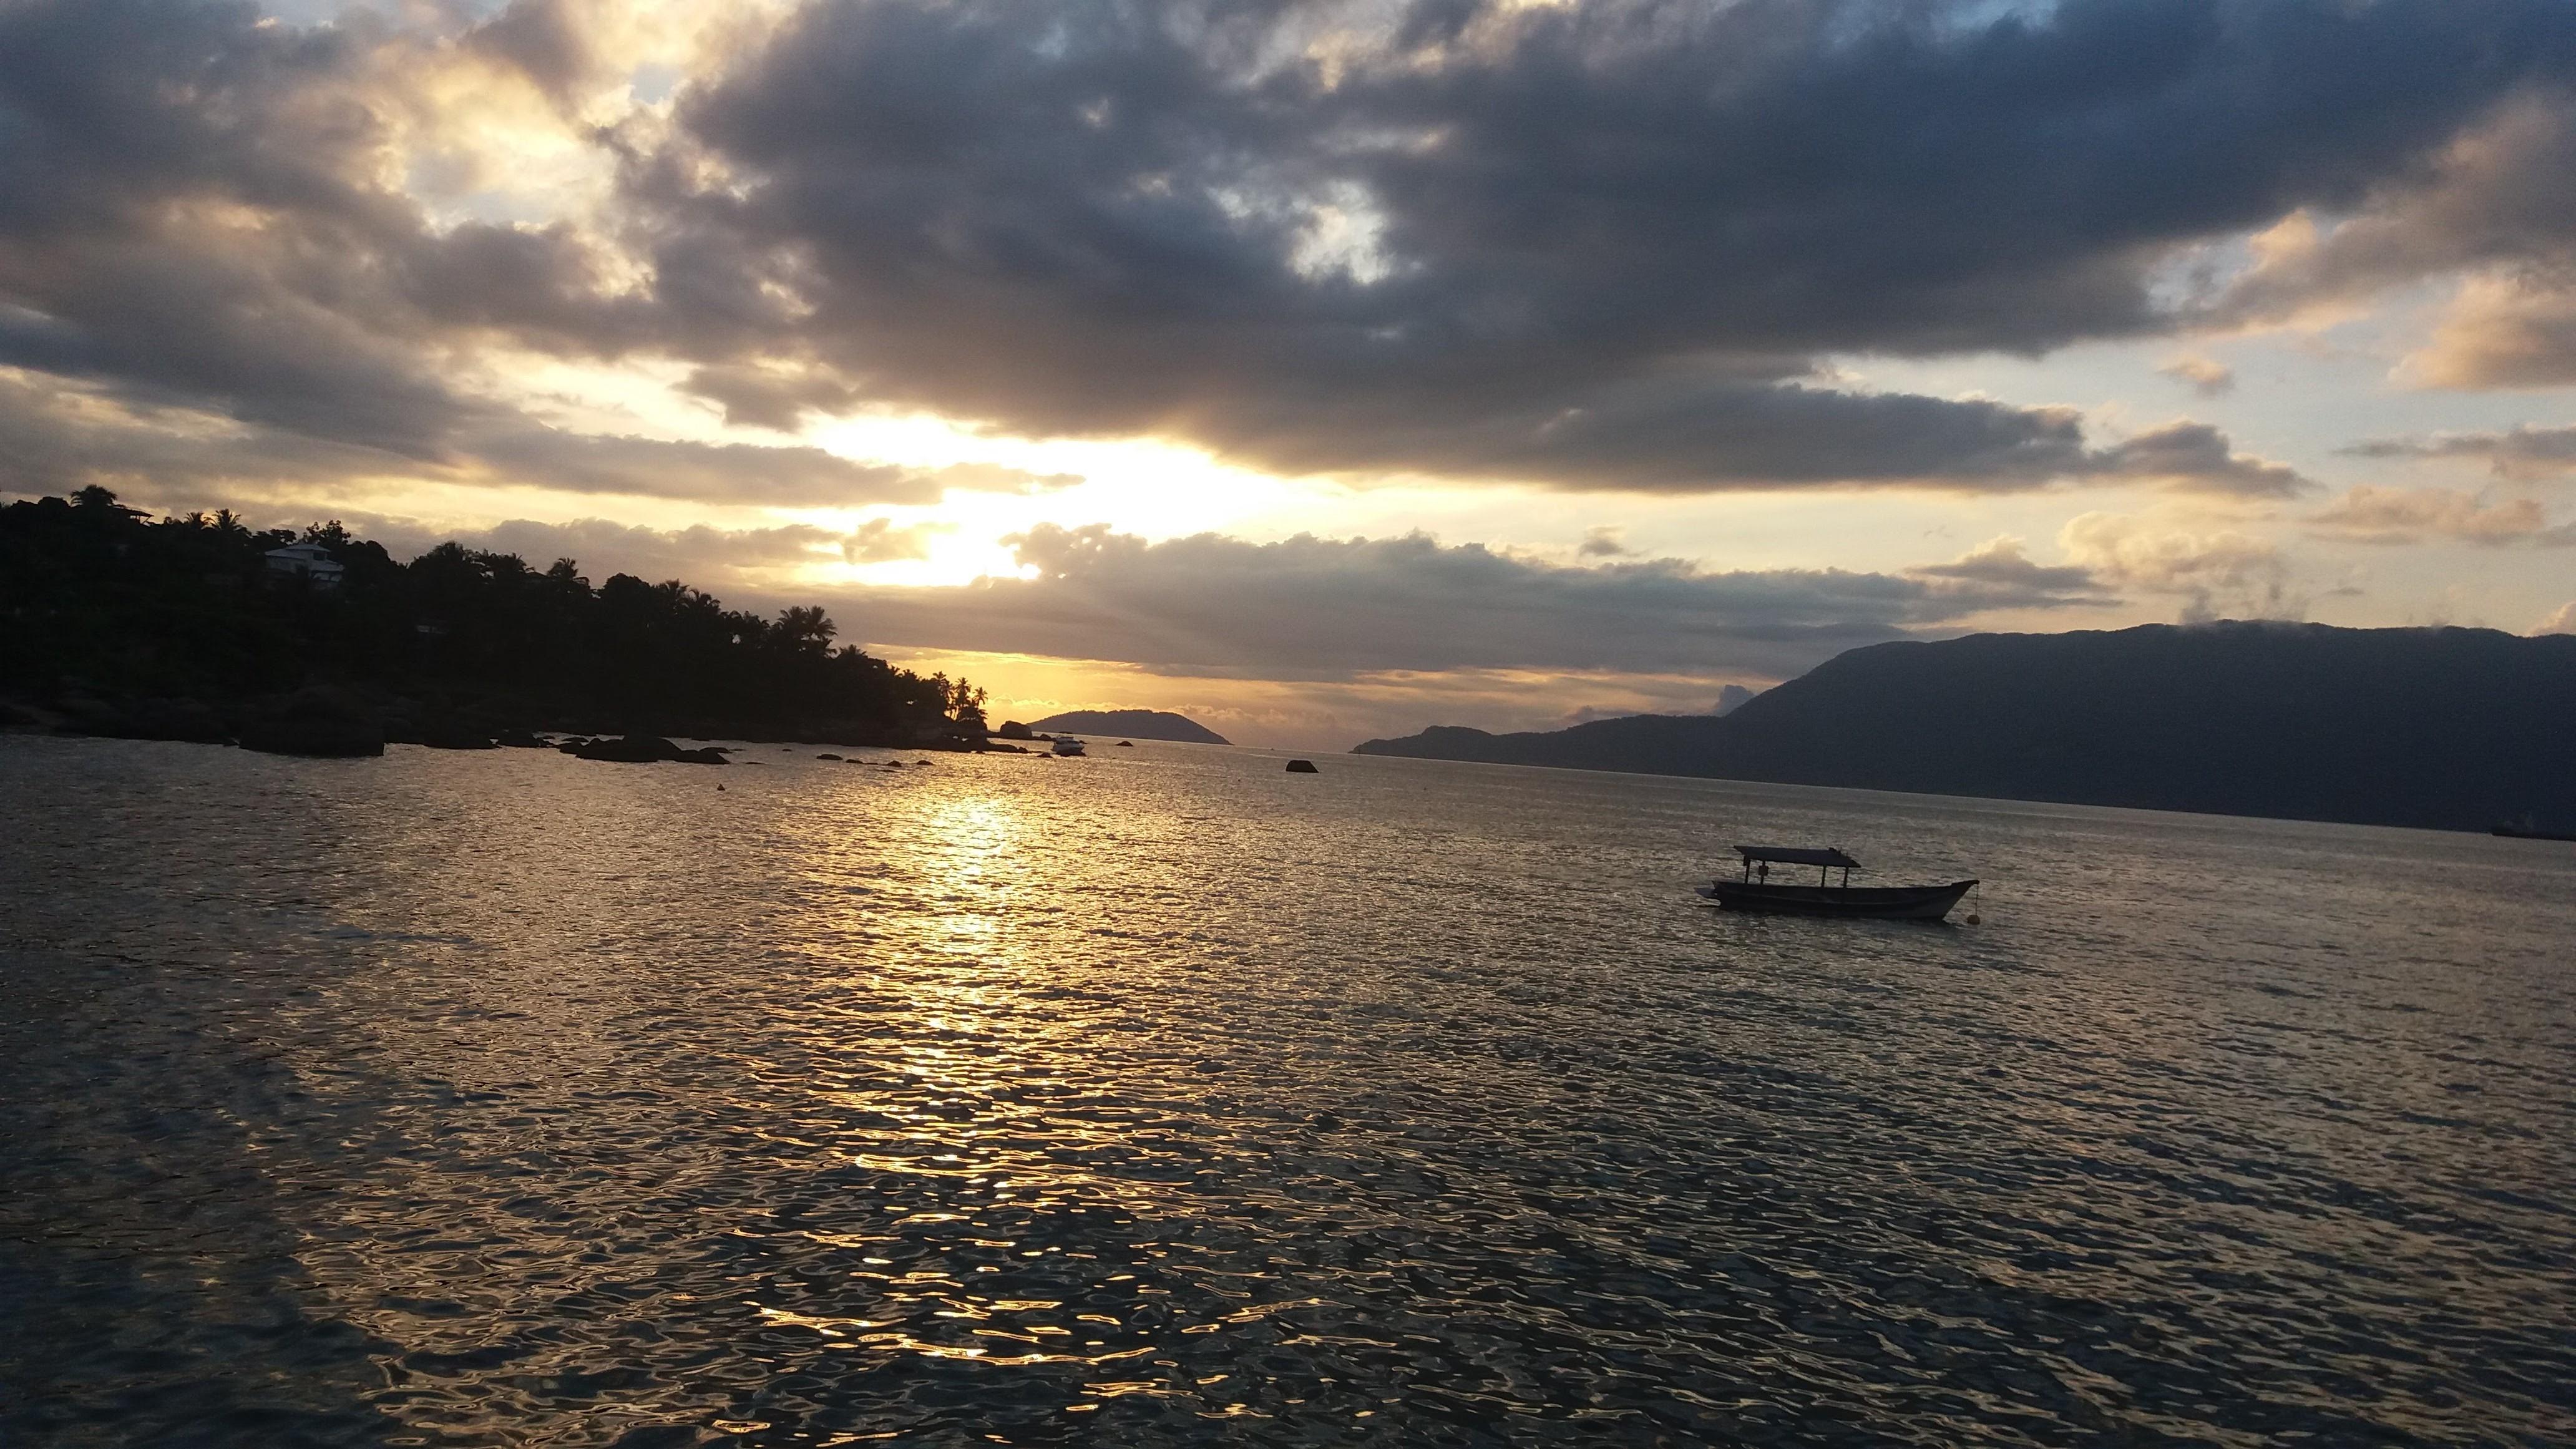 20160319_175224_004-e1459358681622 Vídeo: Vlog  e dicas de viagem para Ilhabela